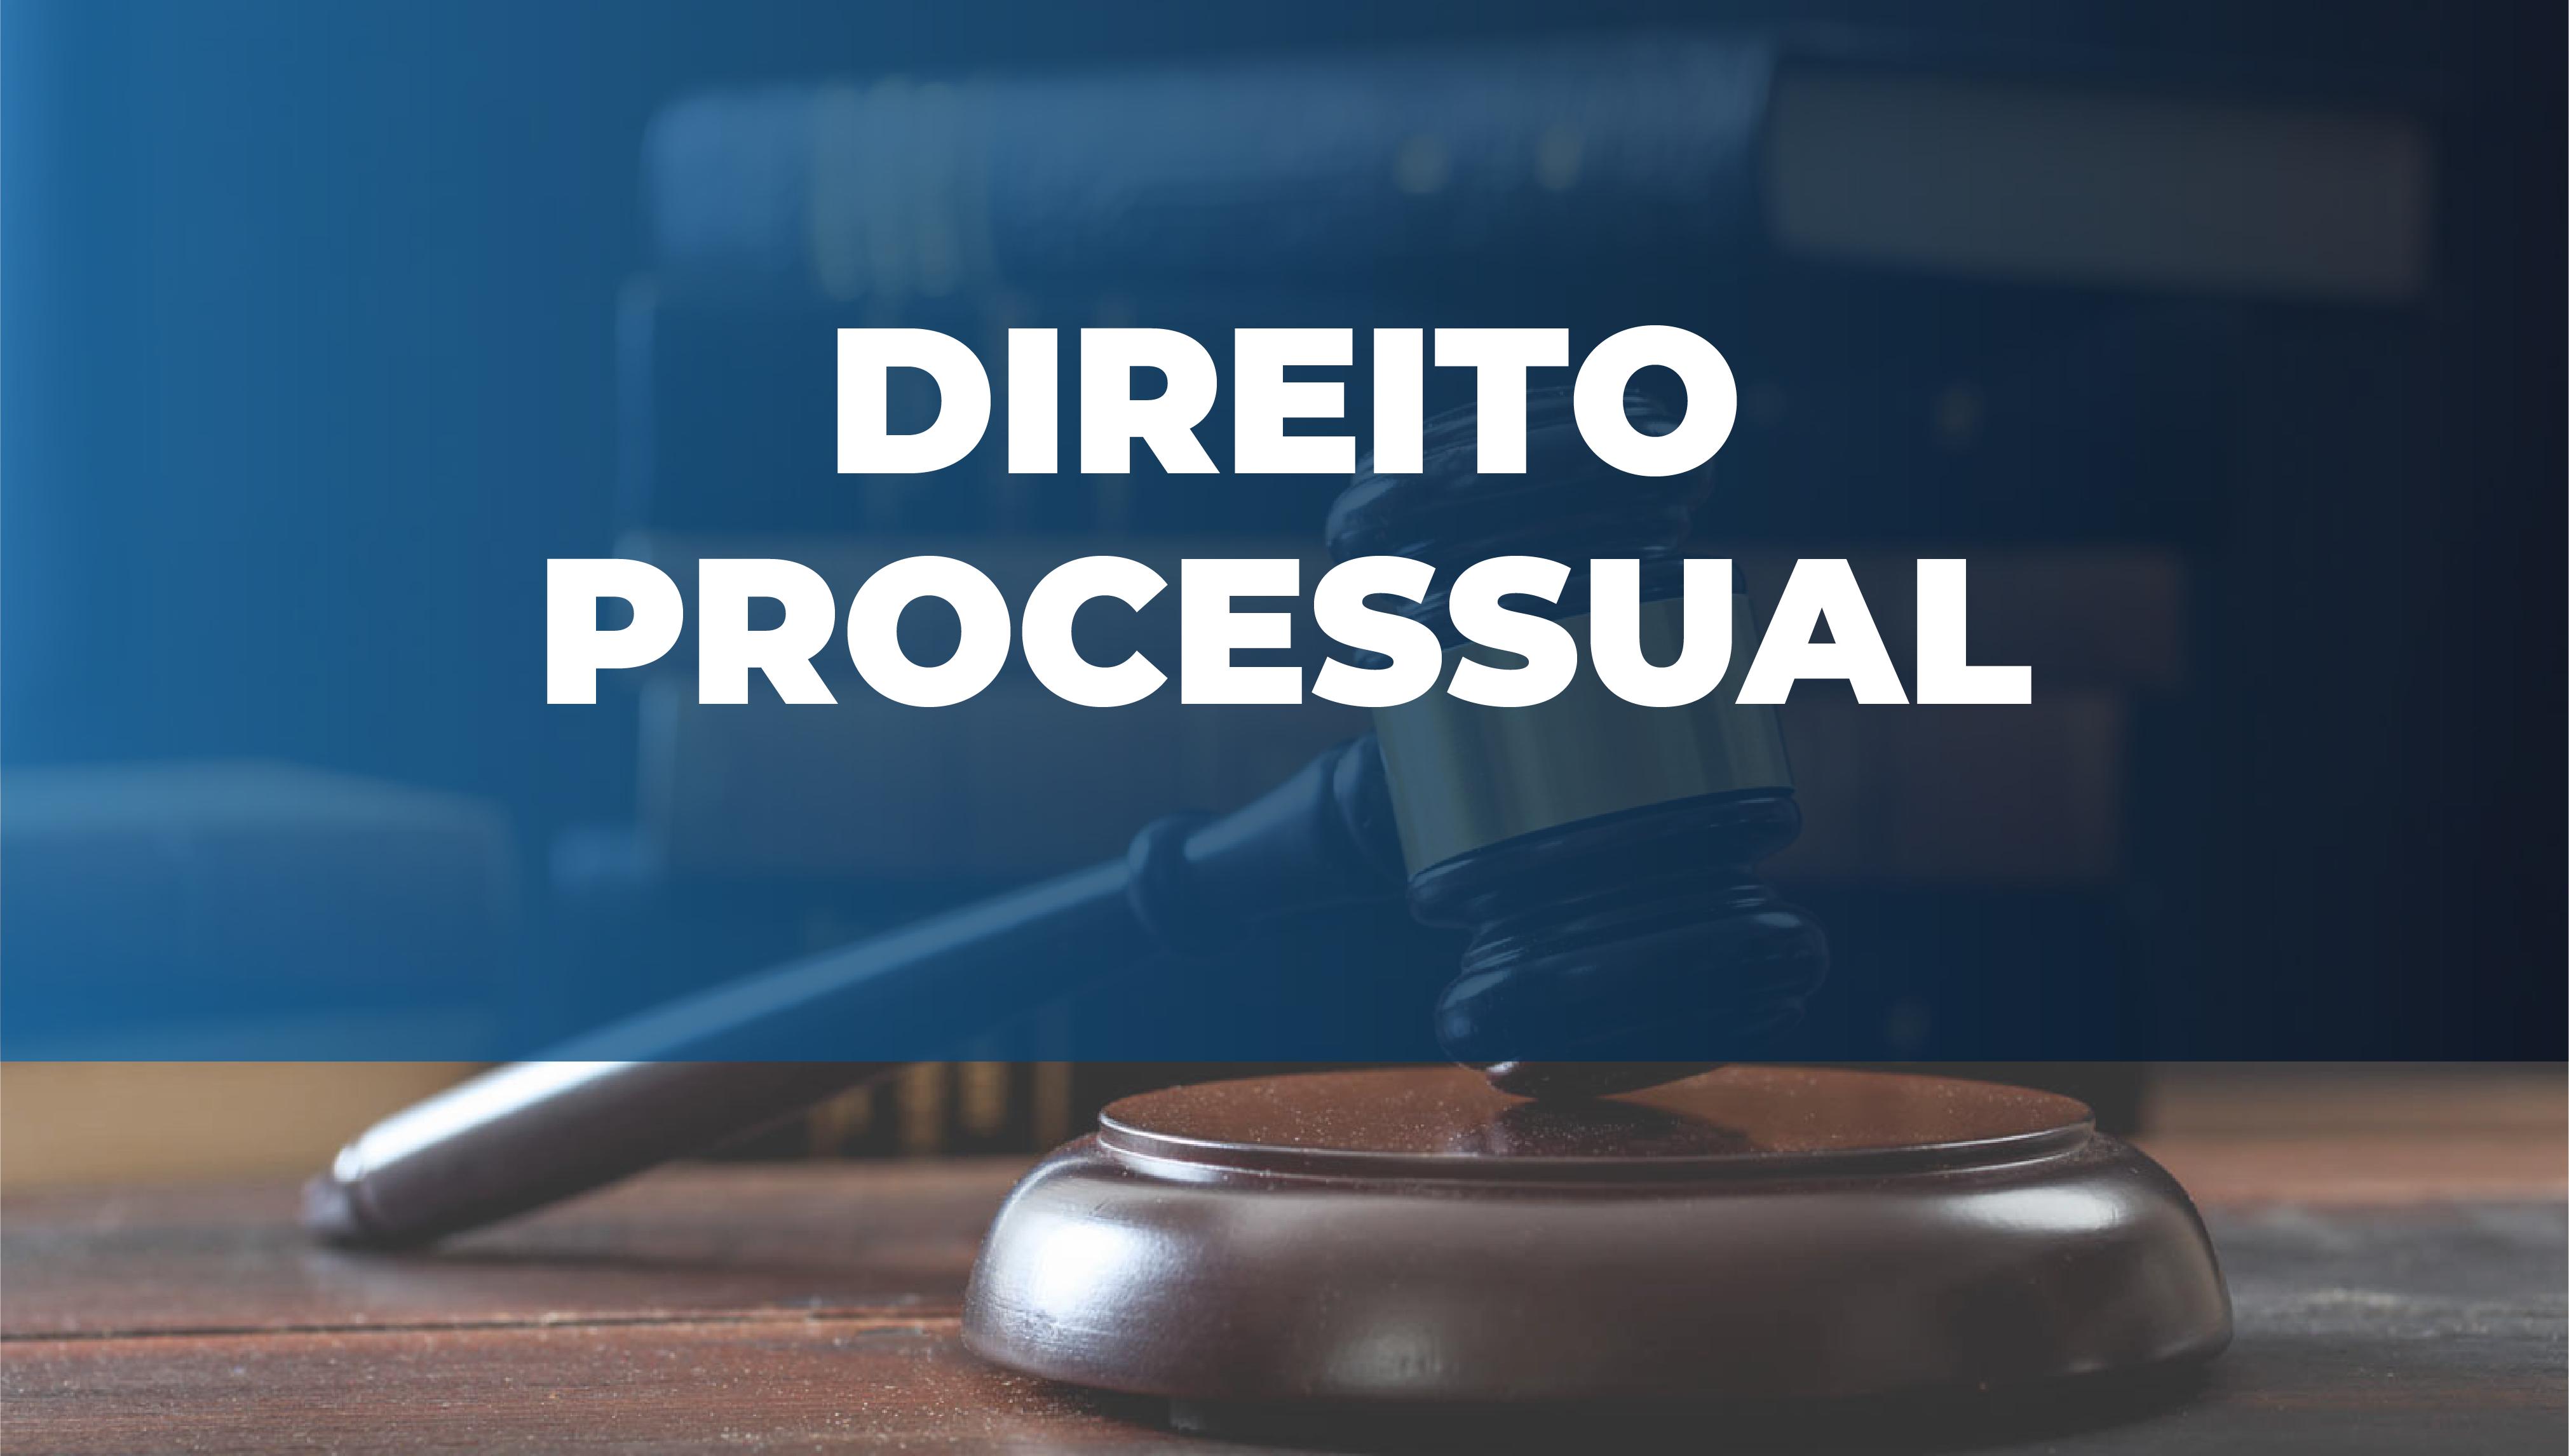 Direito Processual: Penal, civil, administrativo, tributário e militar